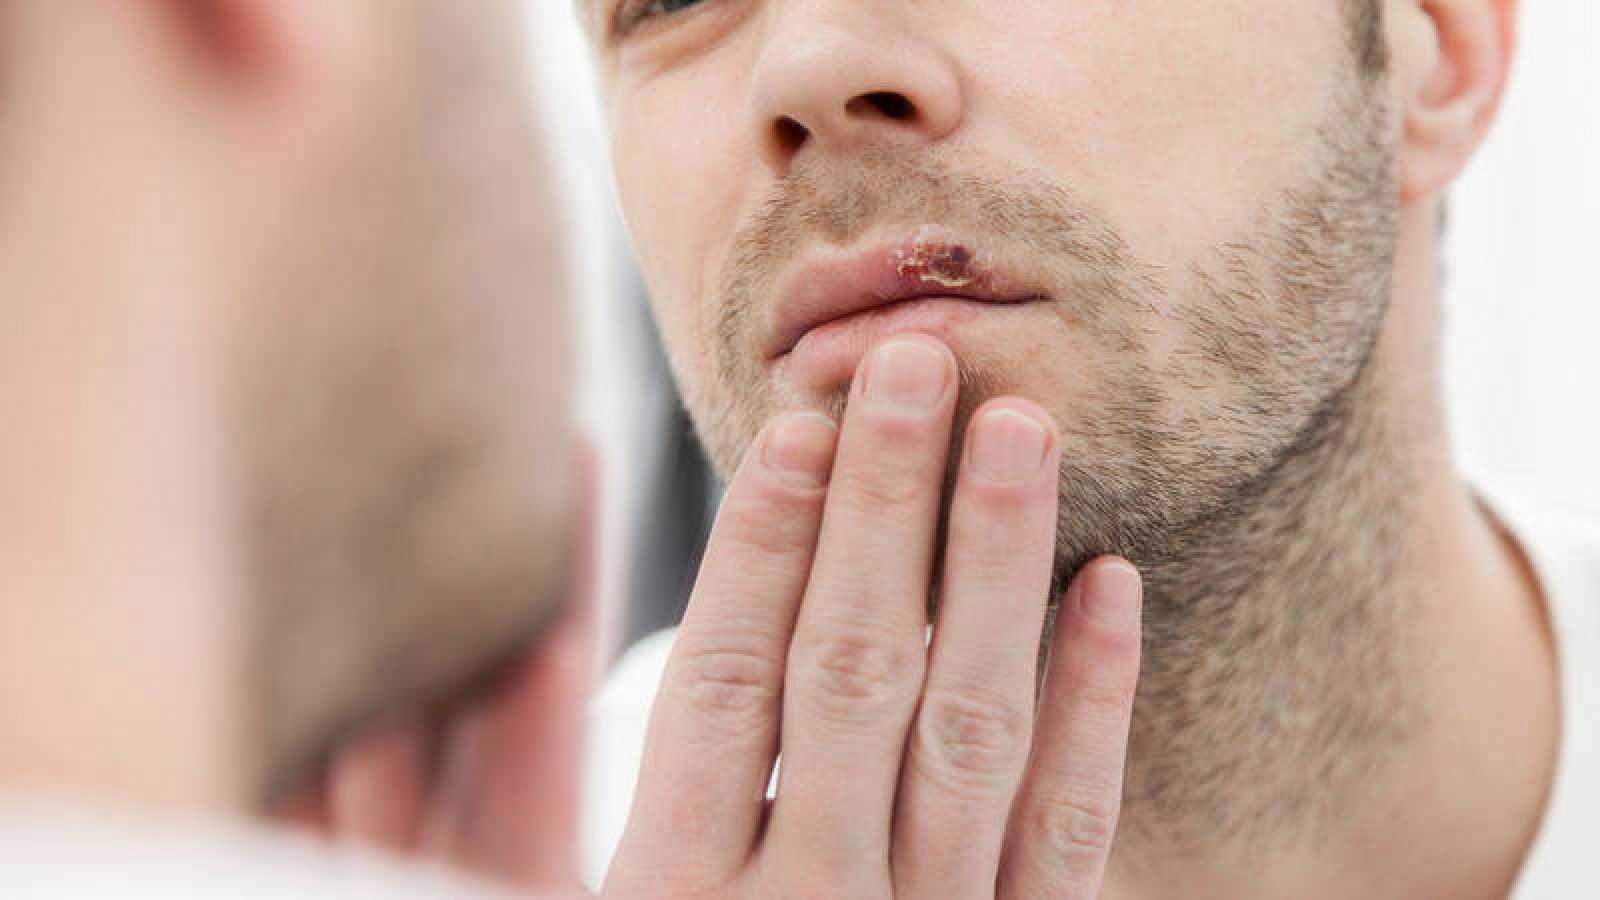 Los virus de herpes se reactivan cuando las personas afectadas están estresadas o enfermas.